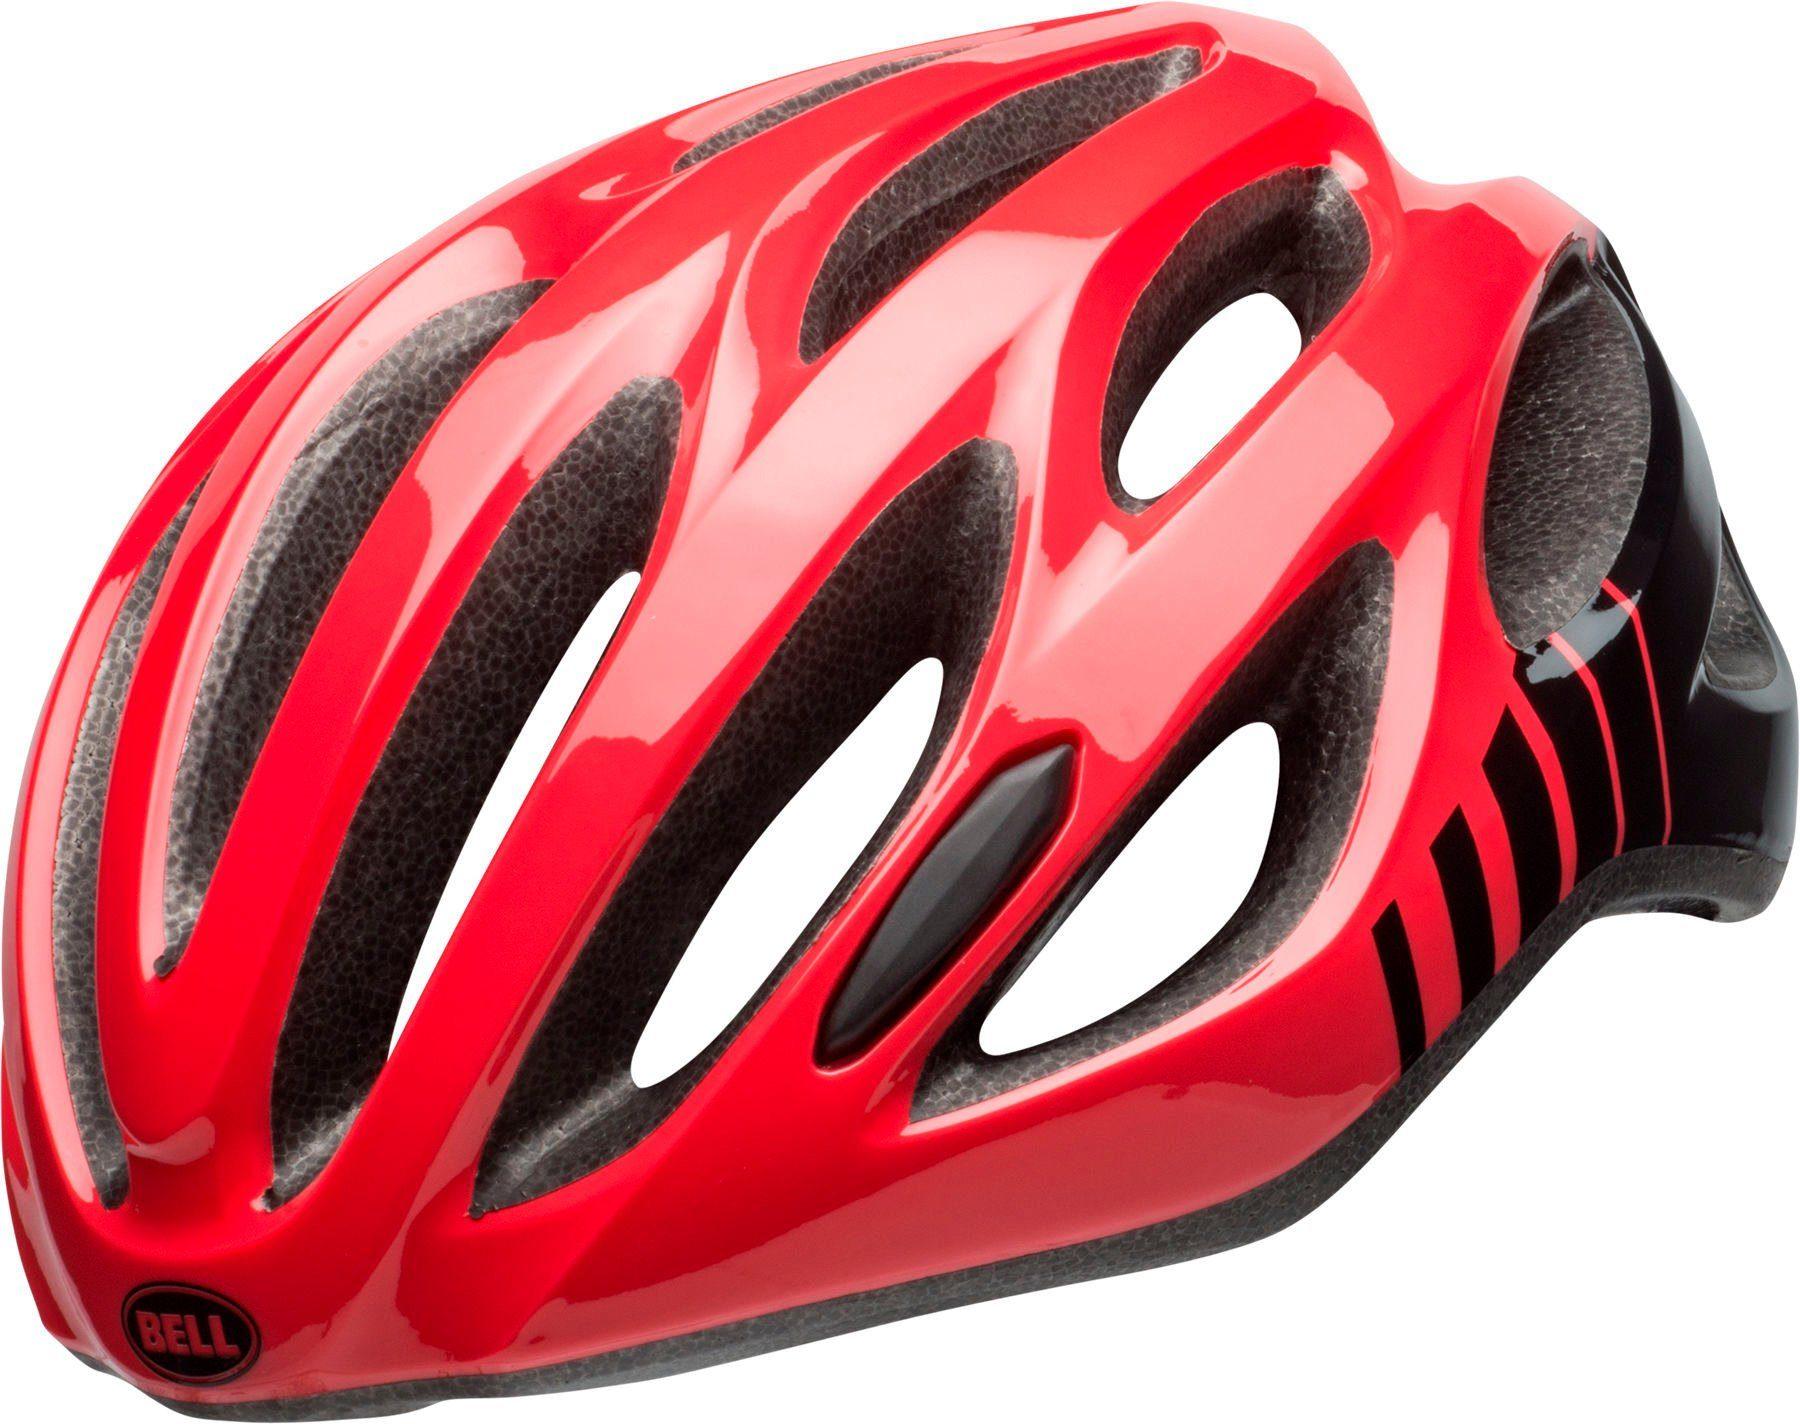 Bell Fahrradhelm »Draft Sport Helmet«